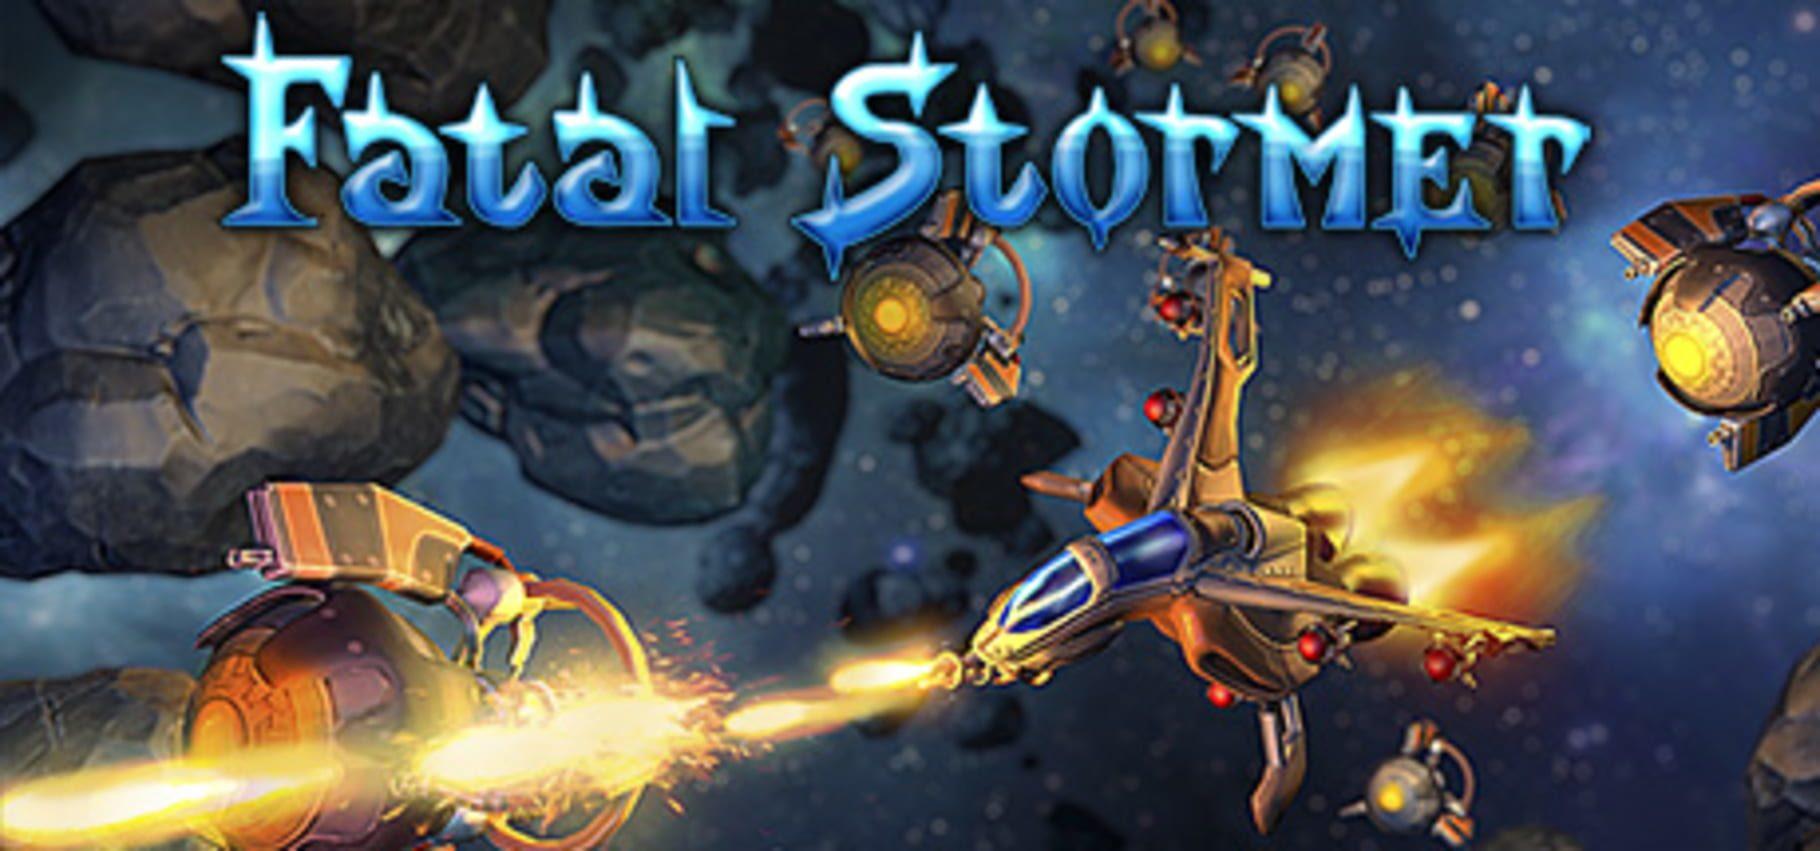 buy Fatal Stormer cd key for all platform